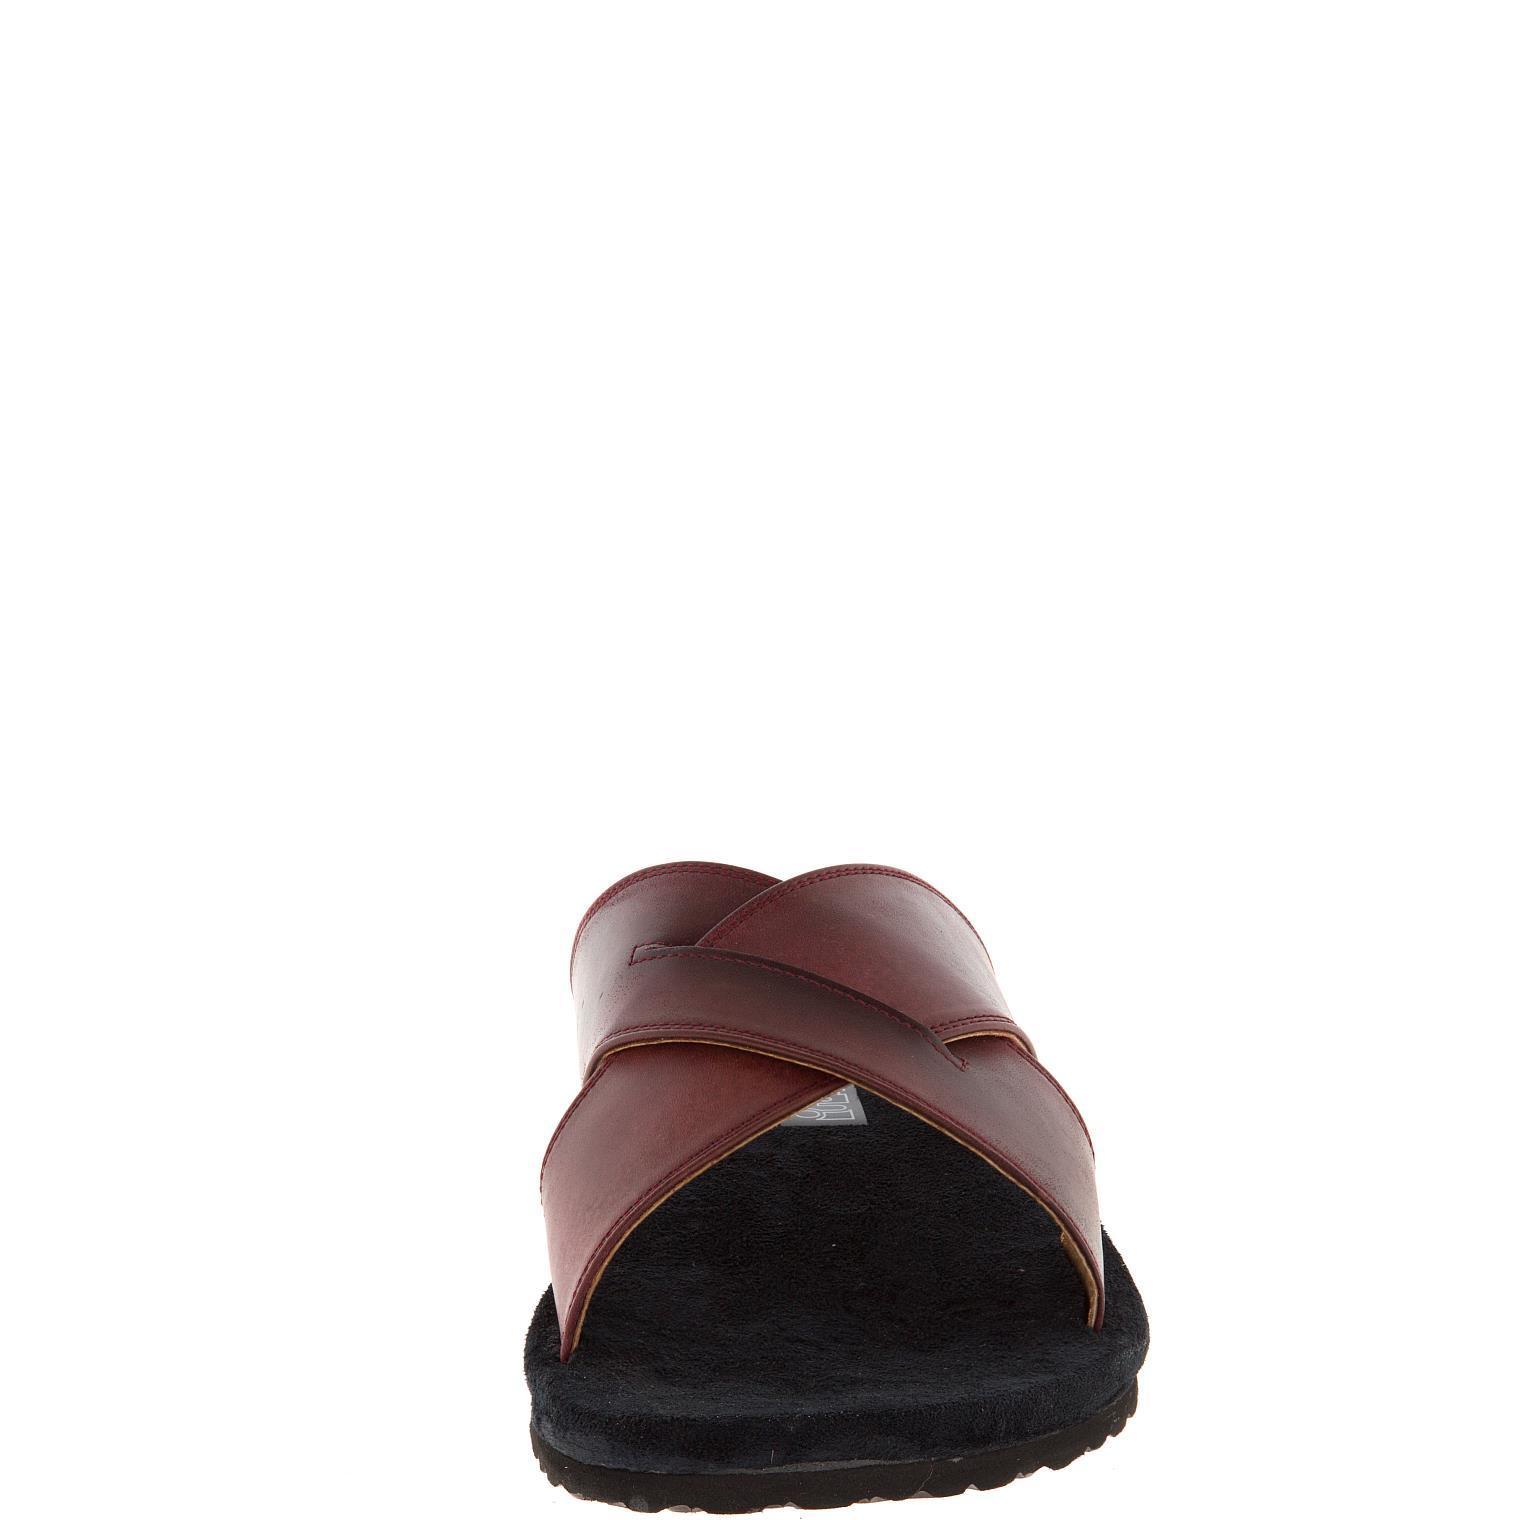 577157 сабо мужские бордо больших размеров марки Делфино